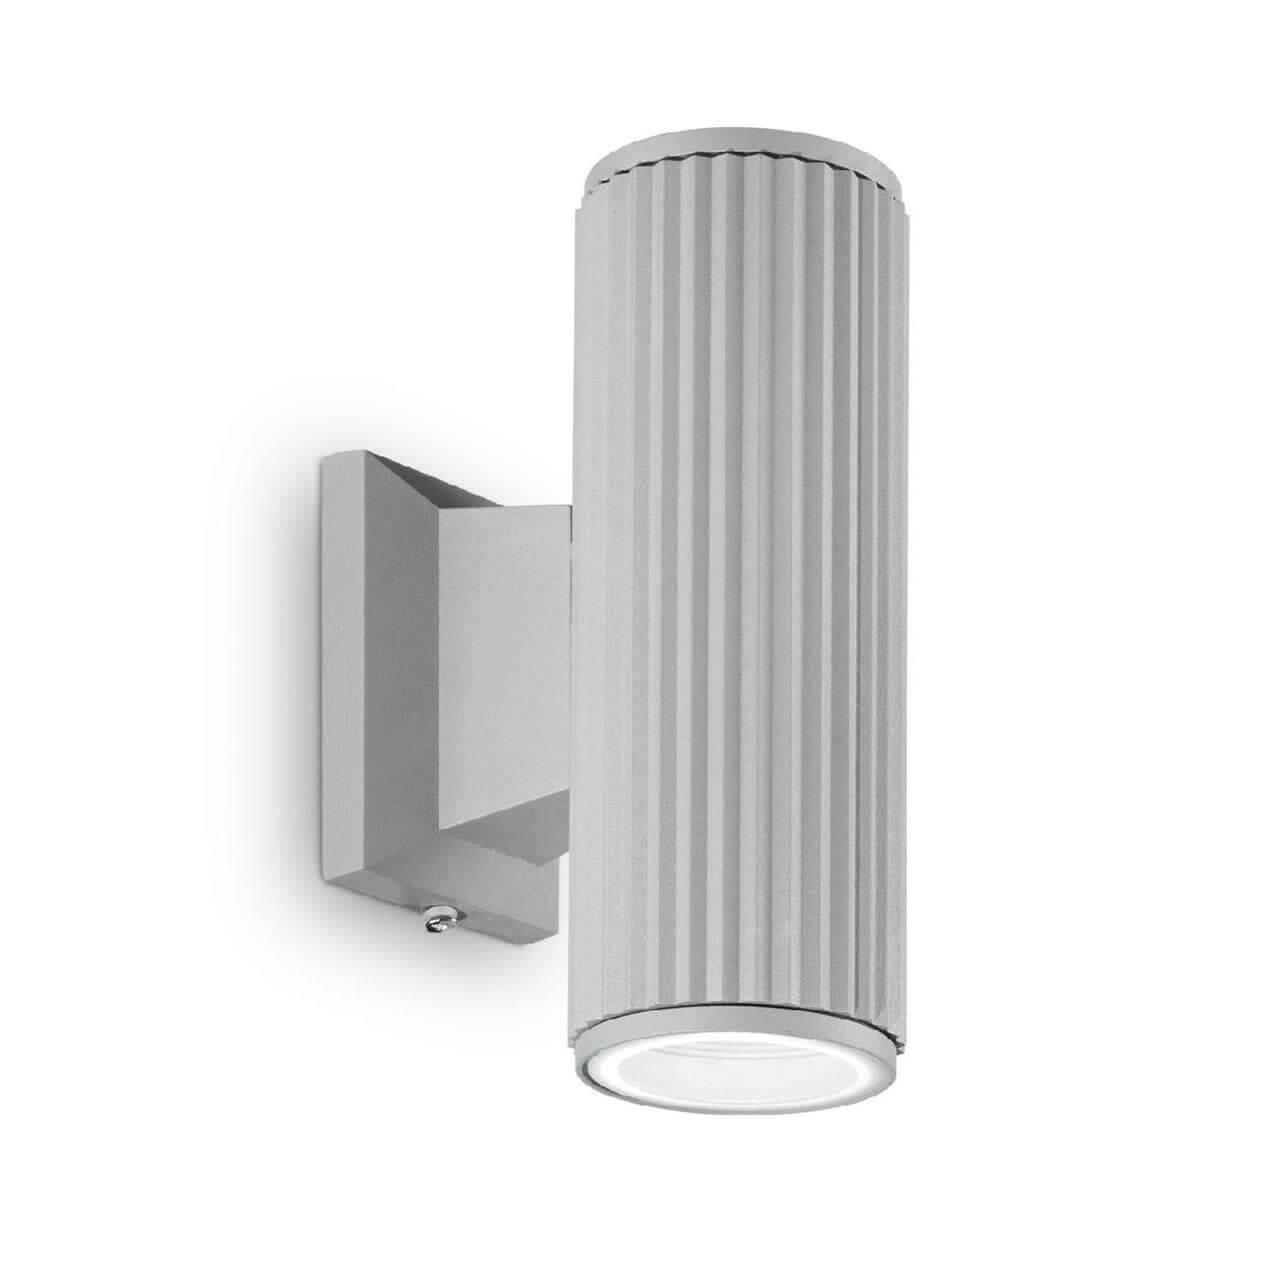 лучшая цена Уличный настенный светильник Ideal Lux Base AP2 Grigio